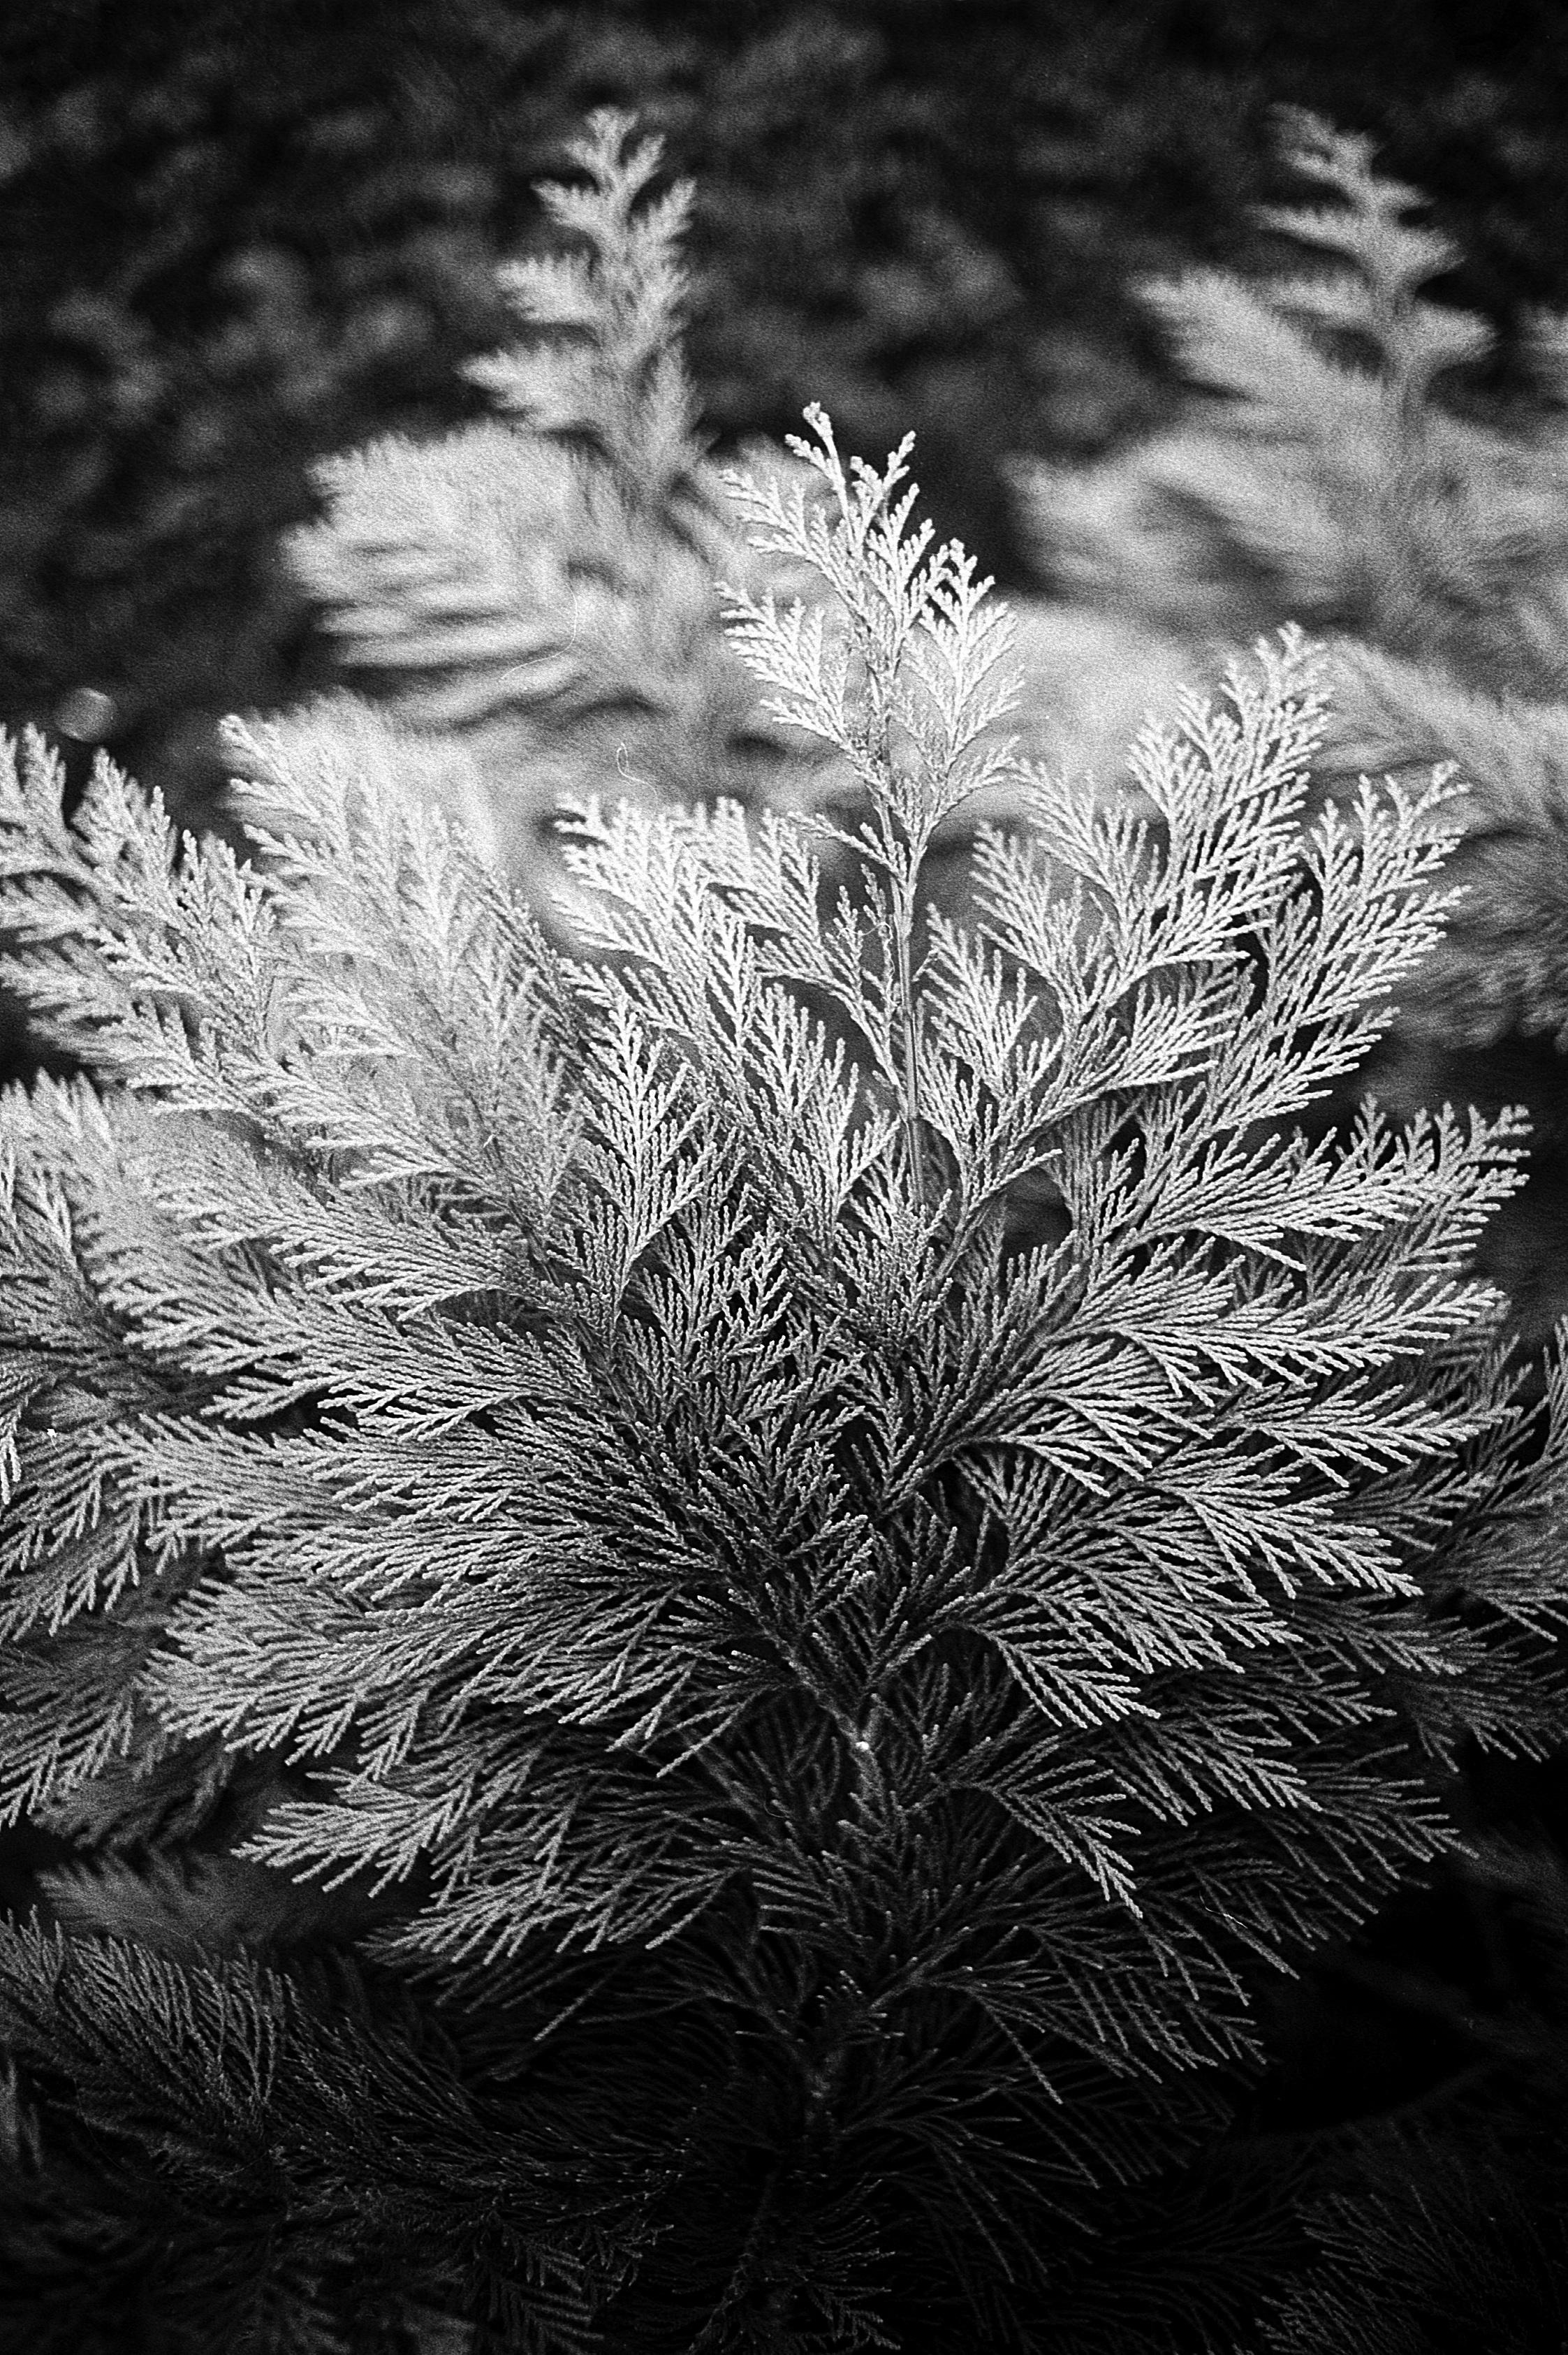 Gambar Pohon Alam Rumput Cabang Hitam Dan Putih Menanam Daun Bunga Embun Beku Kegelapan Satu Warna Flora Merapatkan Fotografi Makro Fotografi Monokrom Kayu Tanaman 2245x3372 89183 Galeri Foto Pxhere